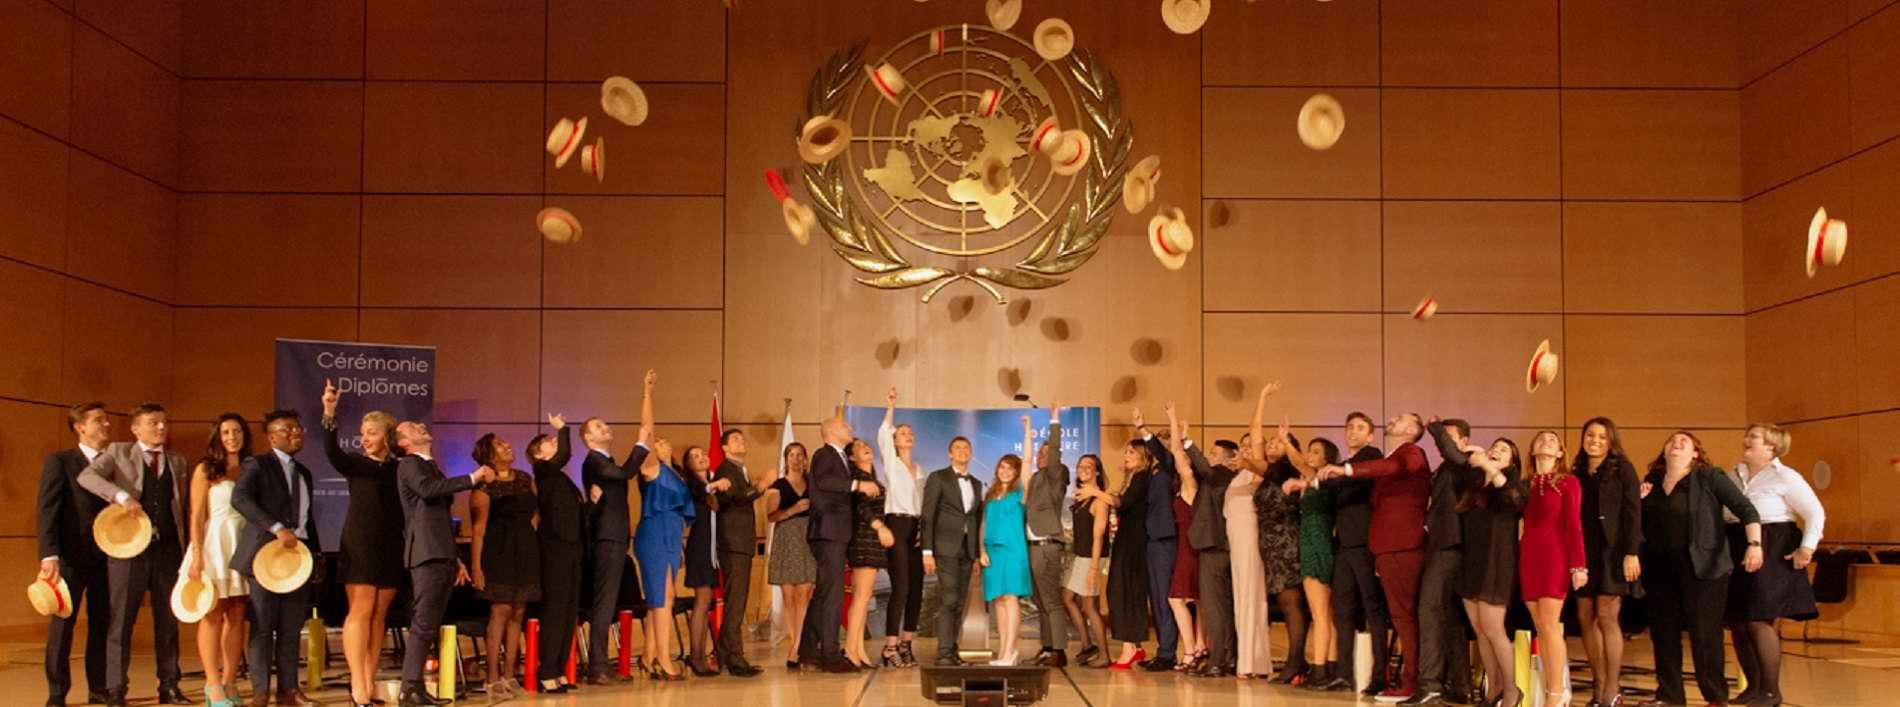 Ceremonie de Remise des diplomes a l'Ecole hoteliere de Geneve - Lancé des Canotiers vol.131